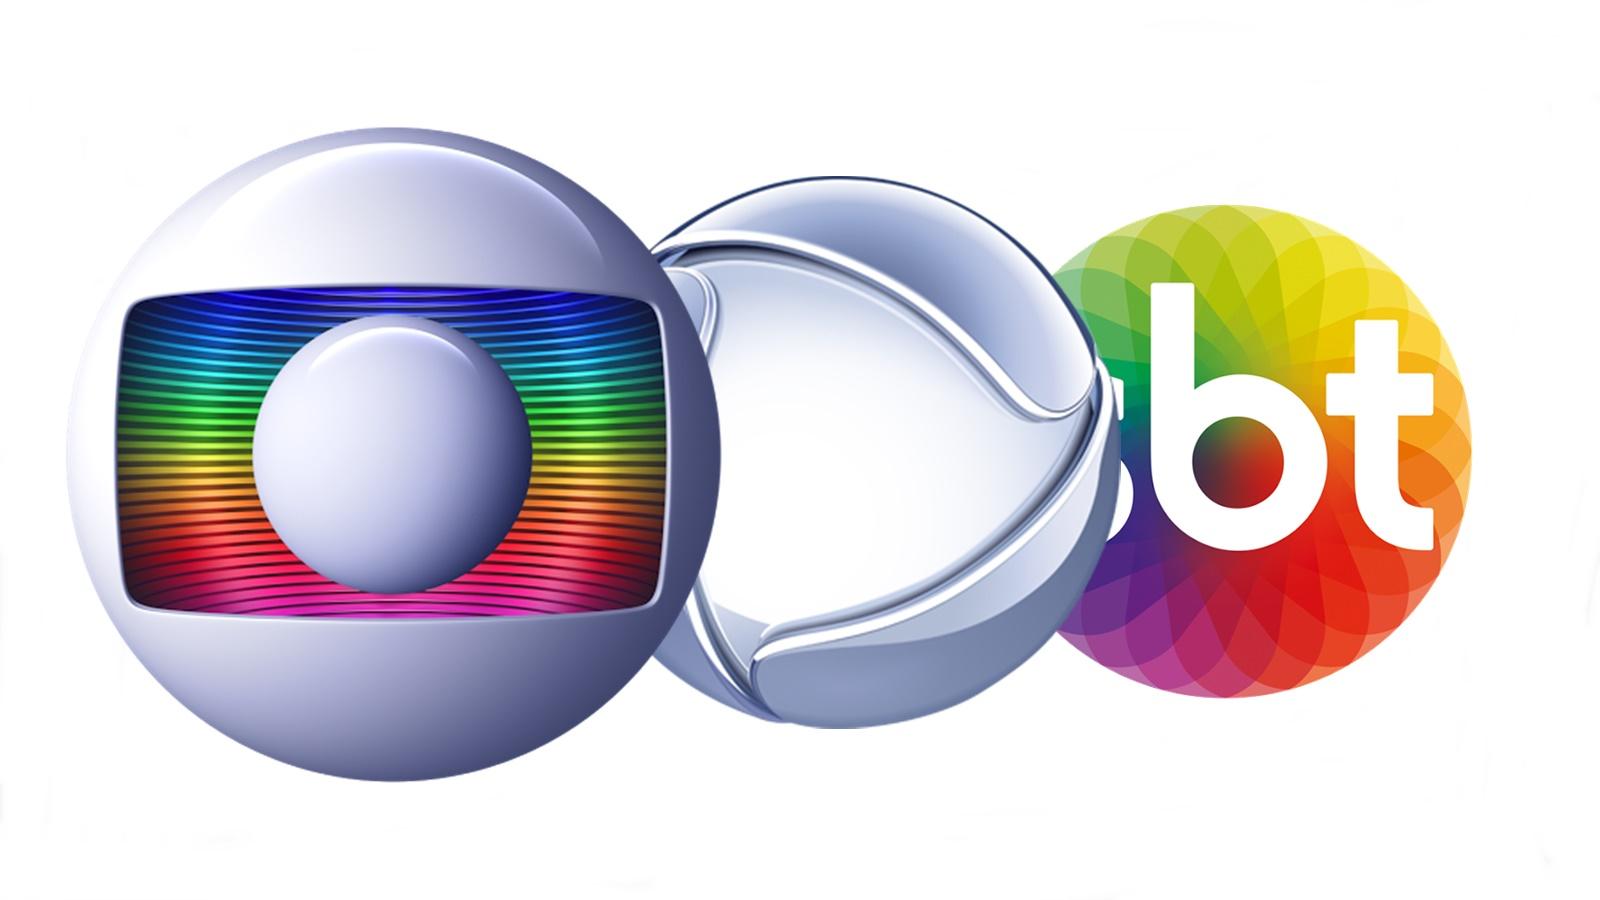 Globo, Record e SBT (Foto: Reprodução)